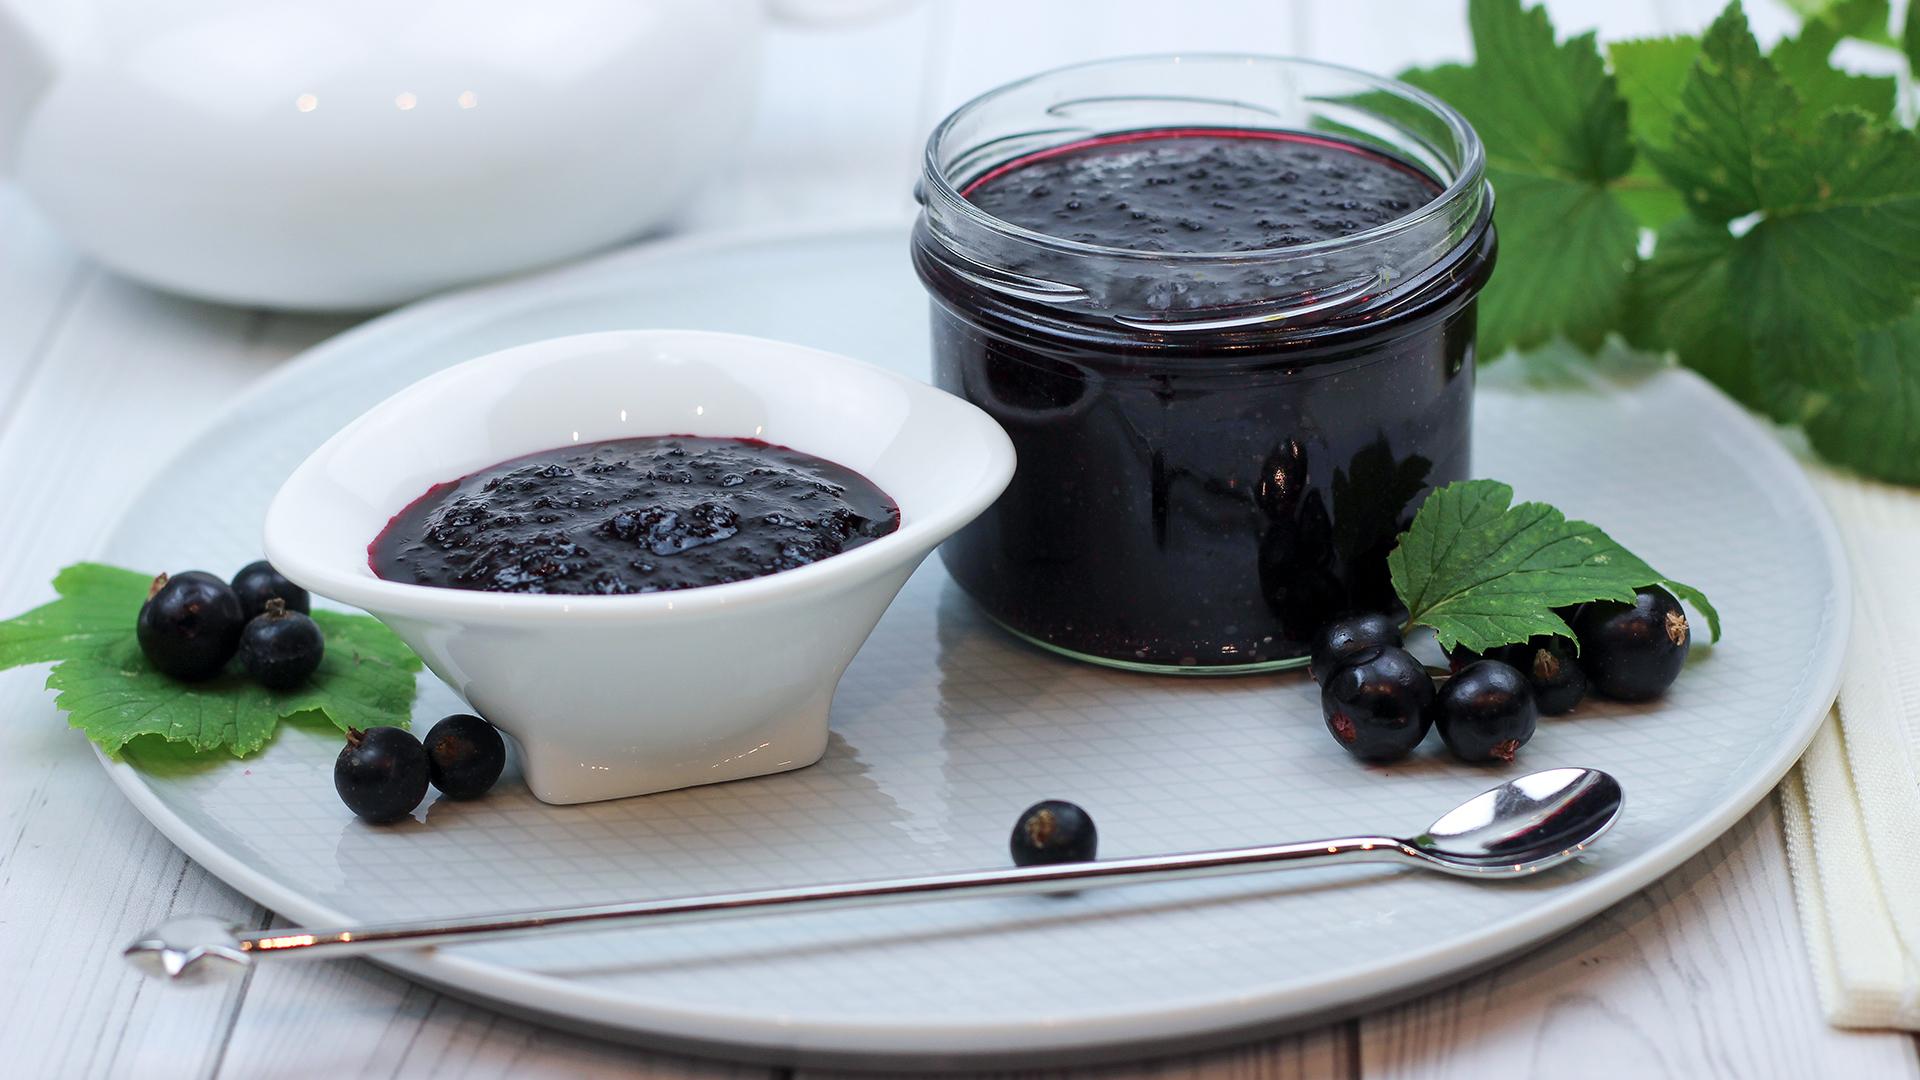 Заготовка ежевики на зиму: топ-6 рецептов (варенье, заморозка, компот, стерилизация)